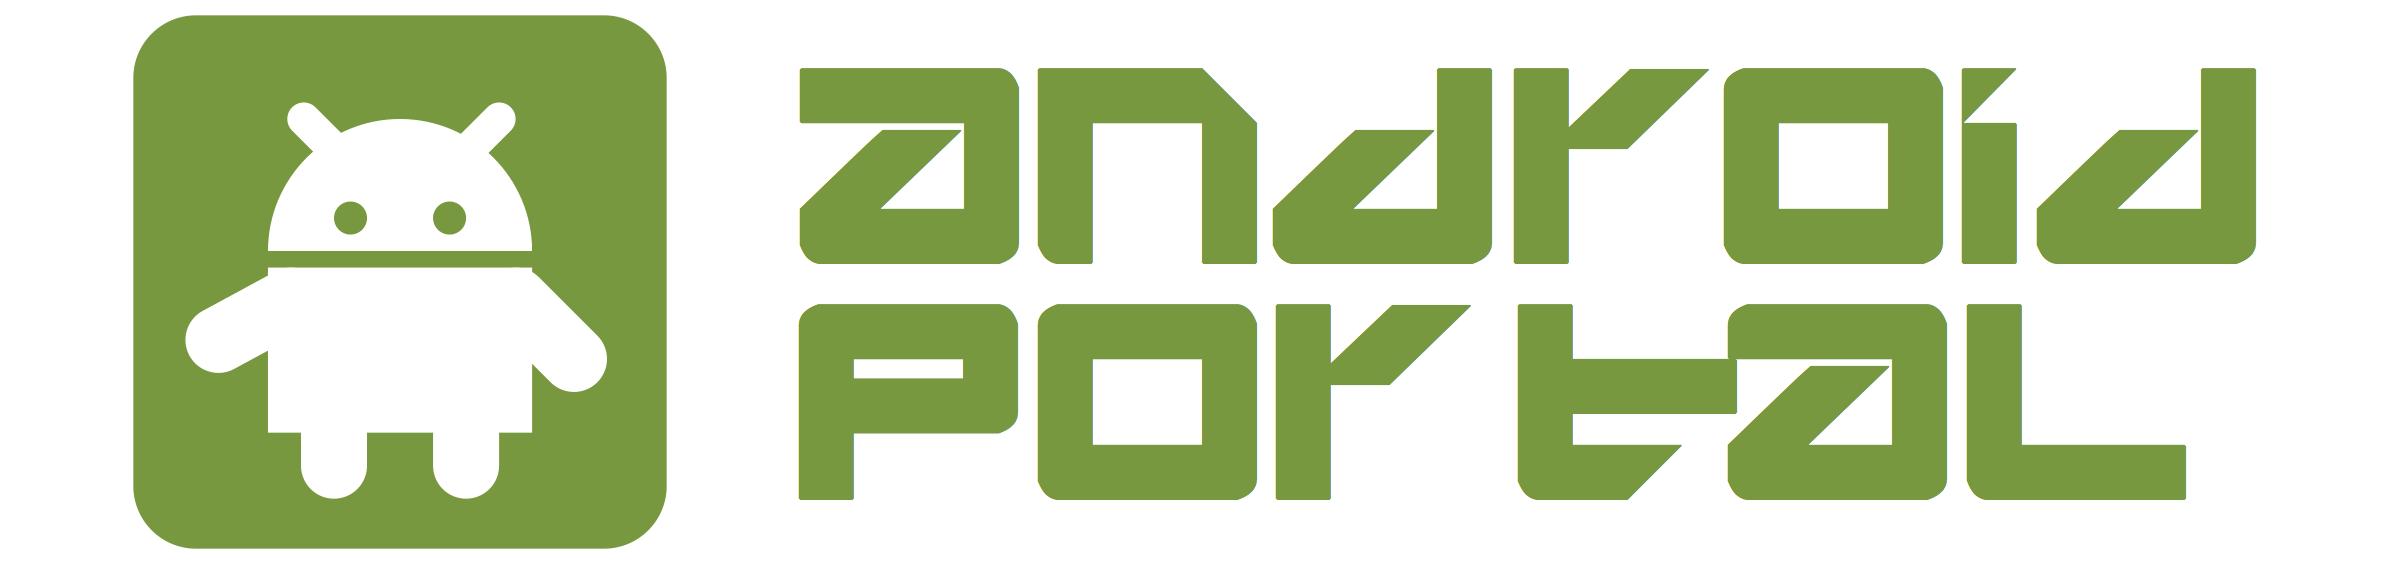 Magyar Android Portál